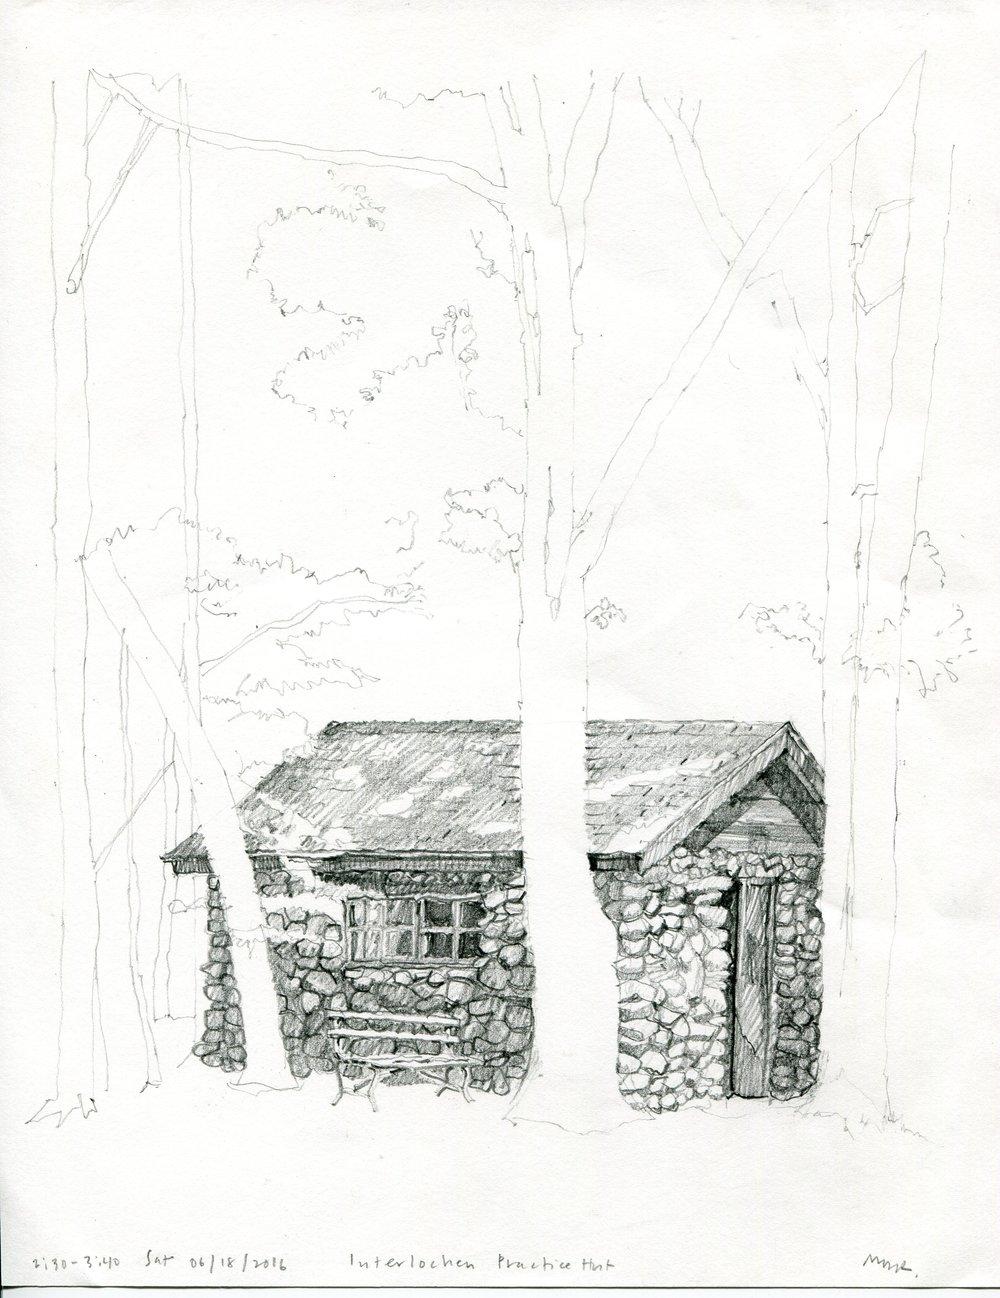 2016 Interlochen practice hut I001.jpg